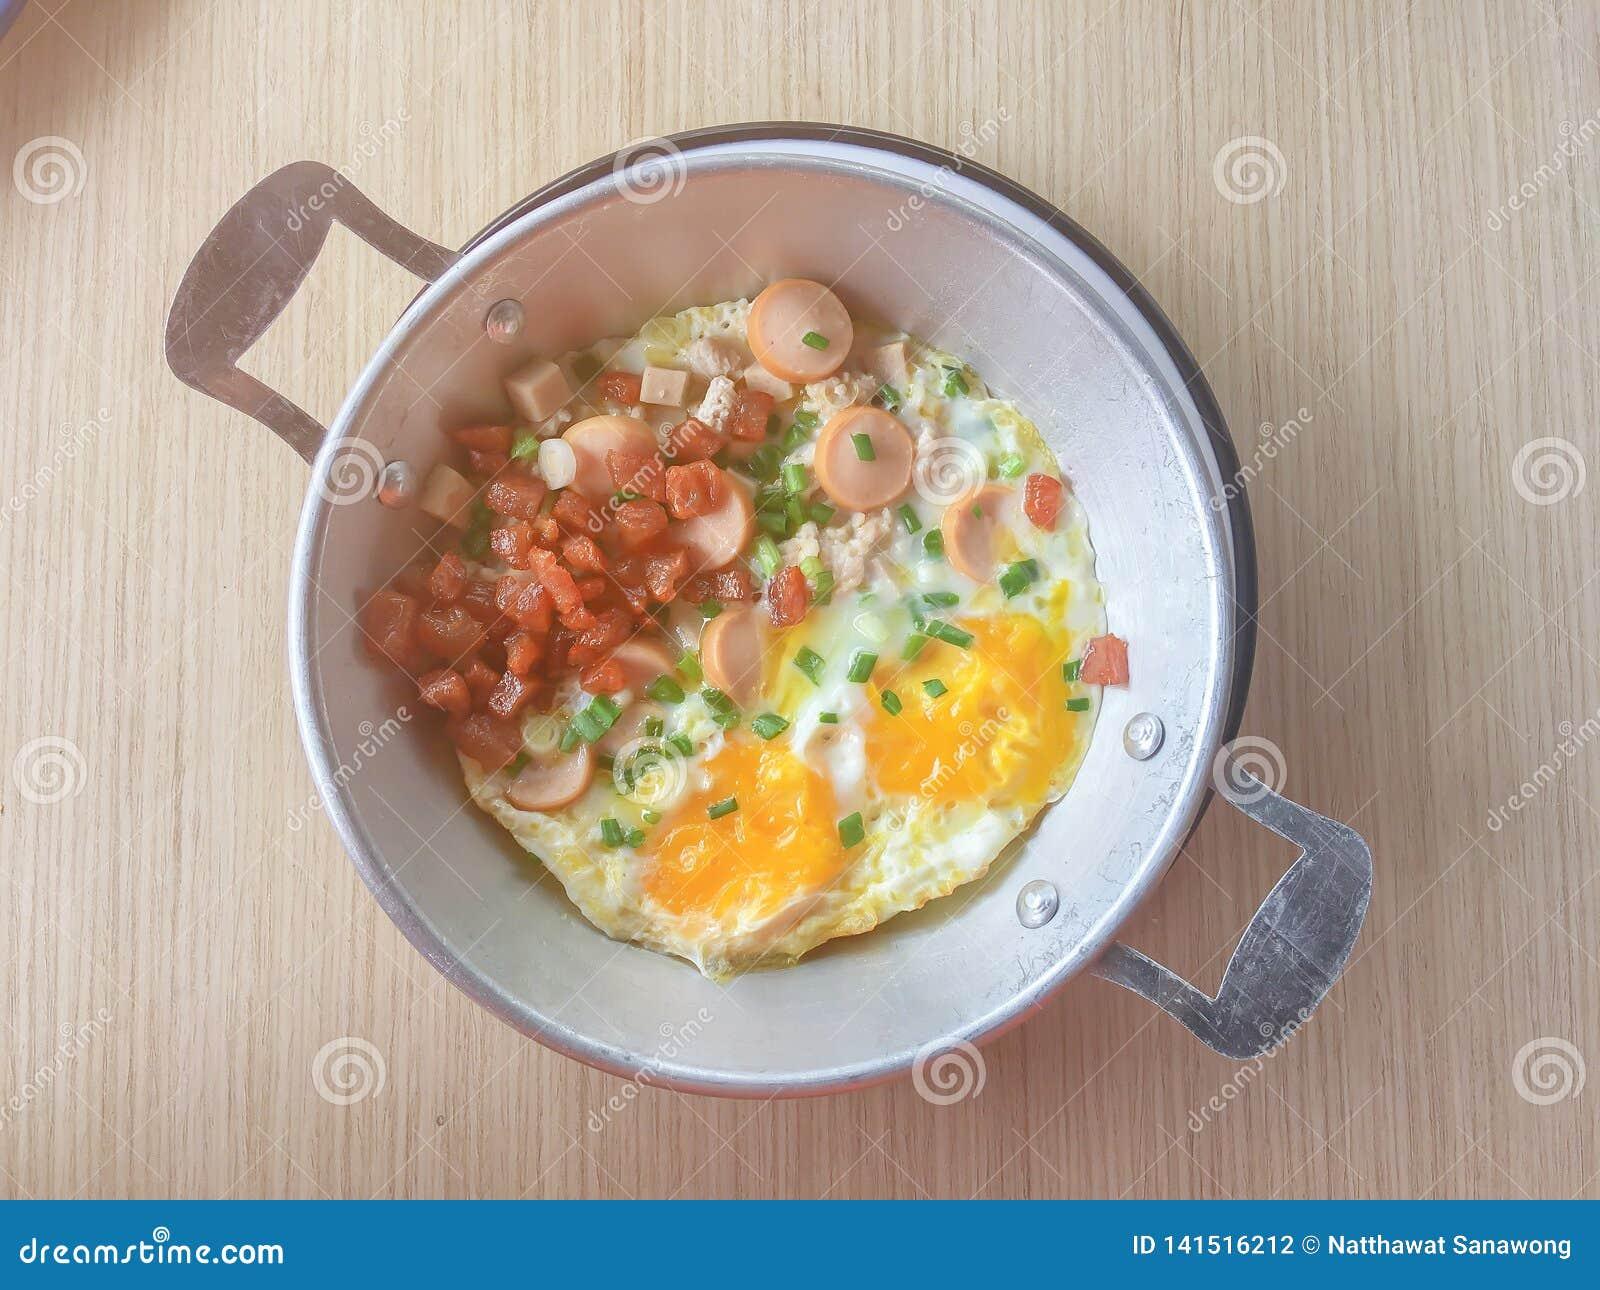 英式早餐包括荷包蛋、豆、烟肉和装饰品与芬芳